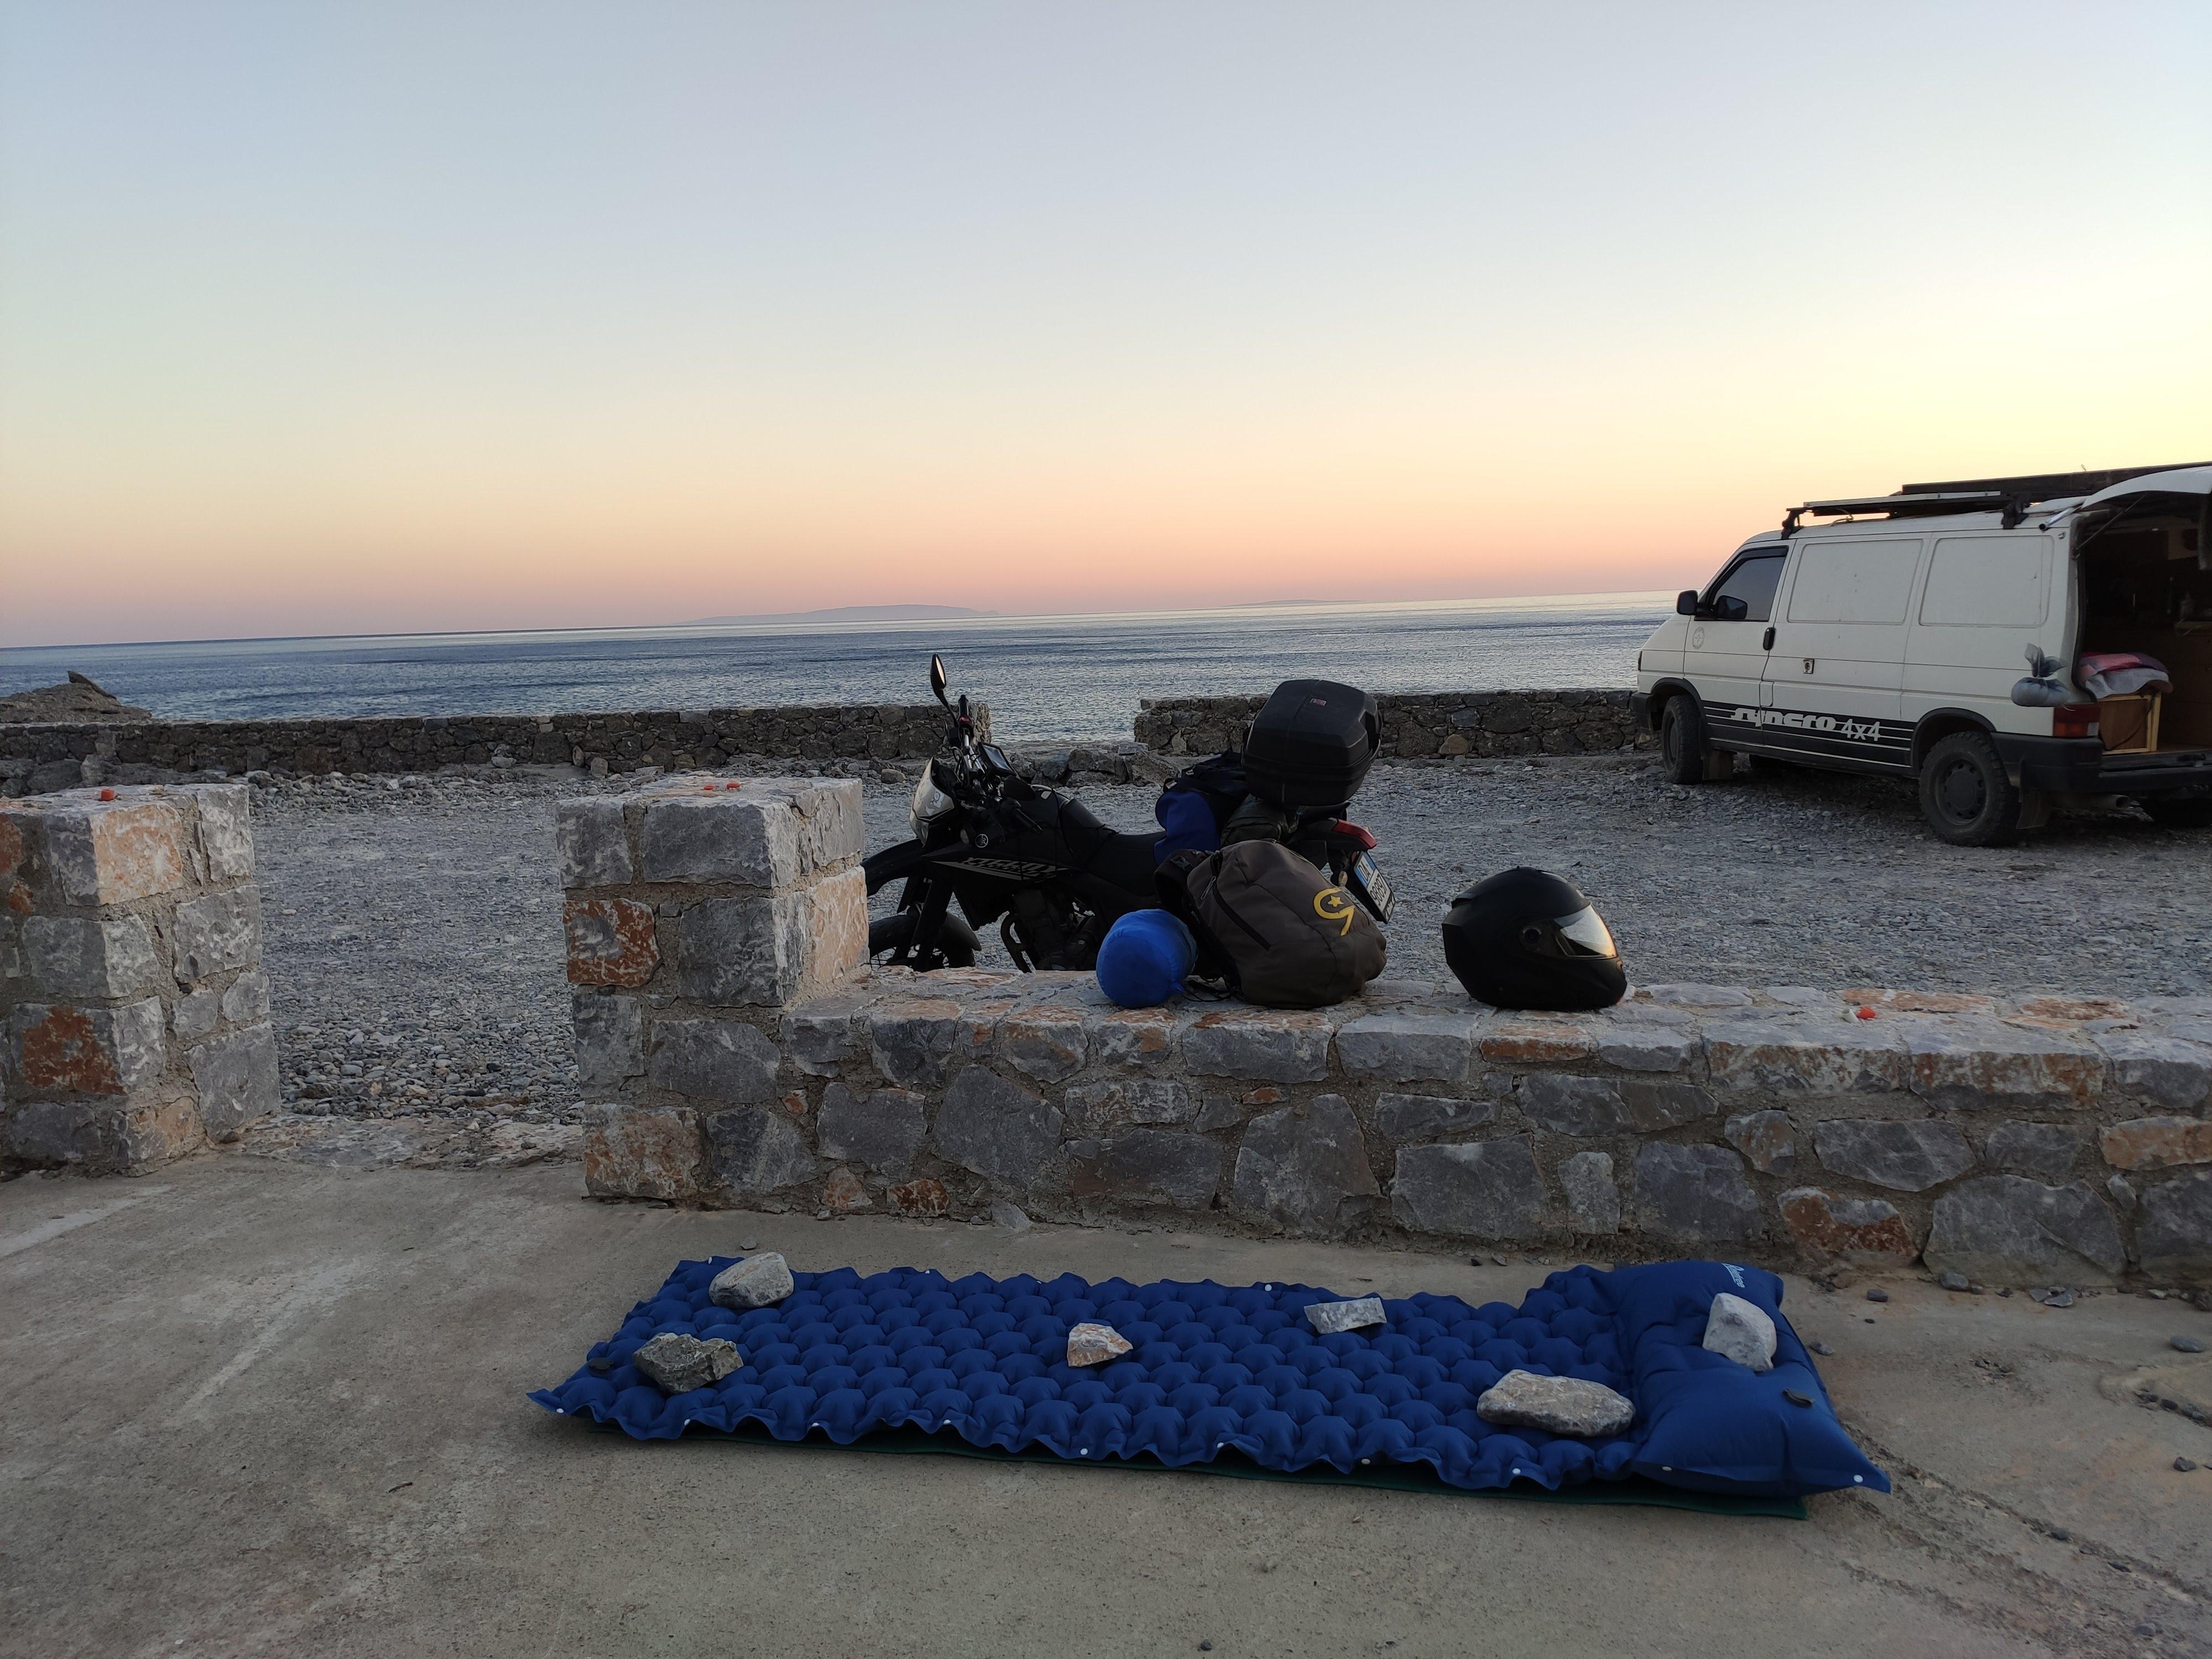 Campeggio libero Creta